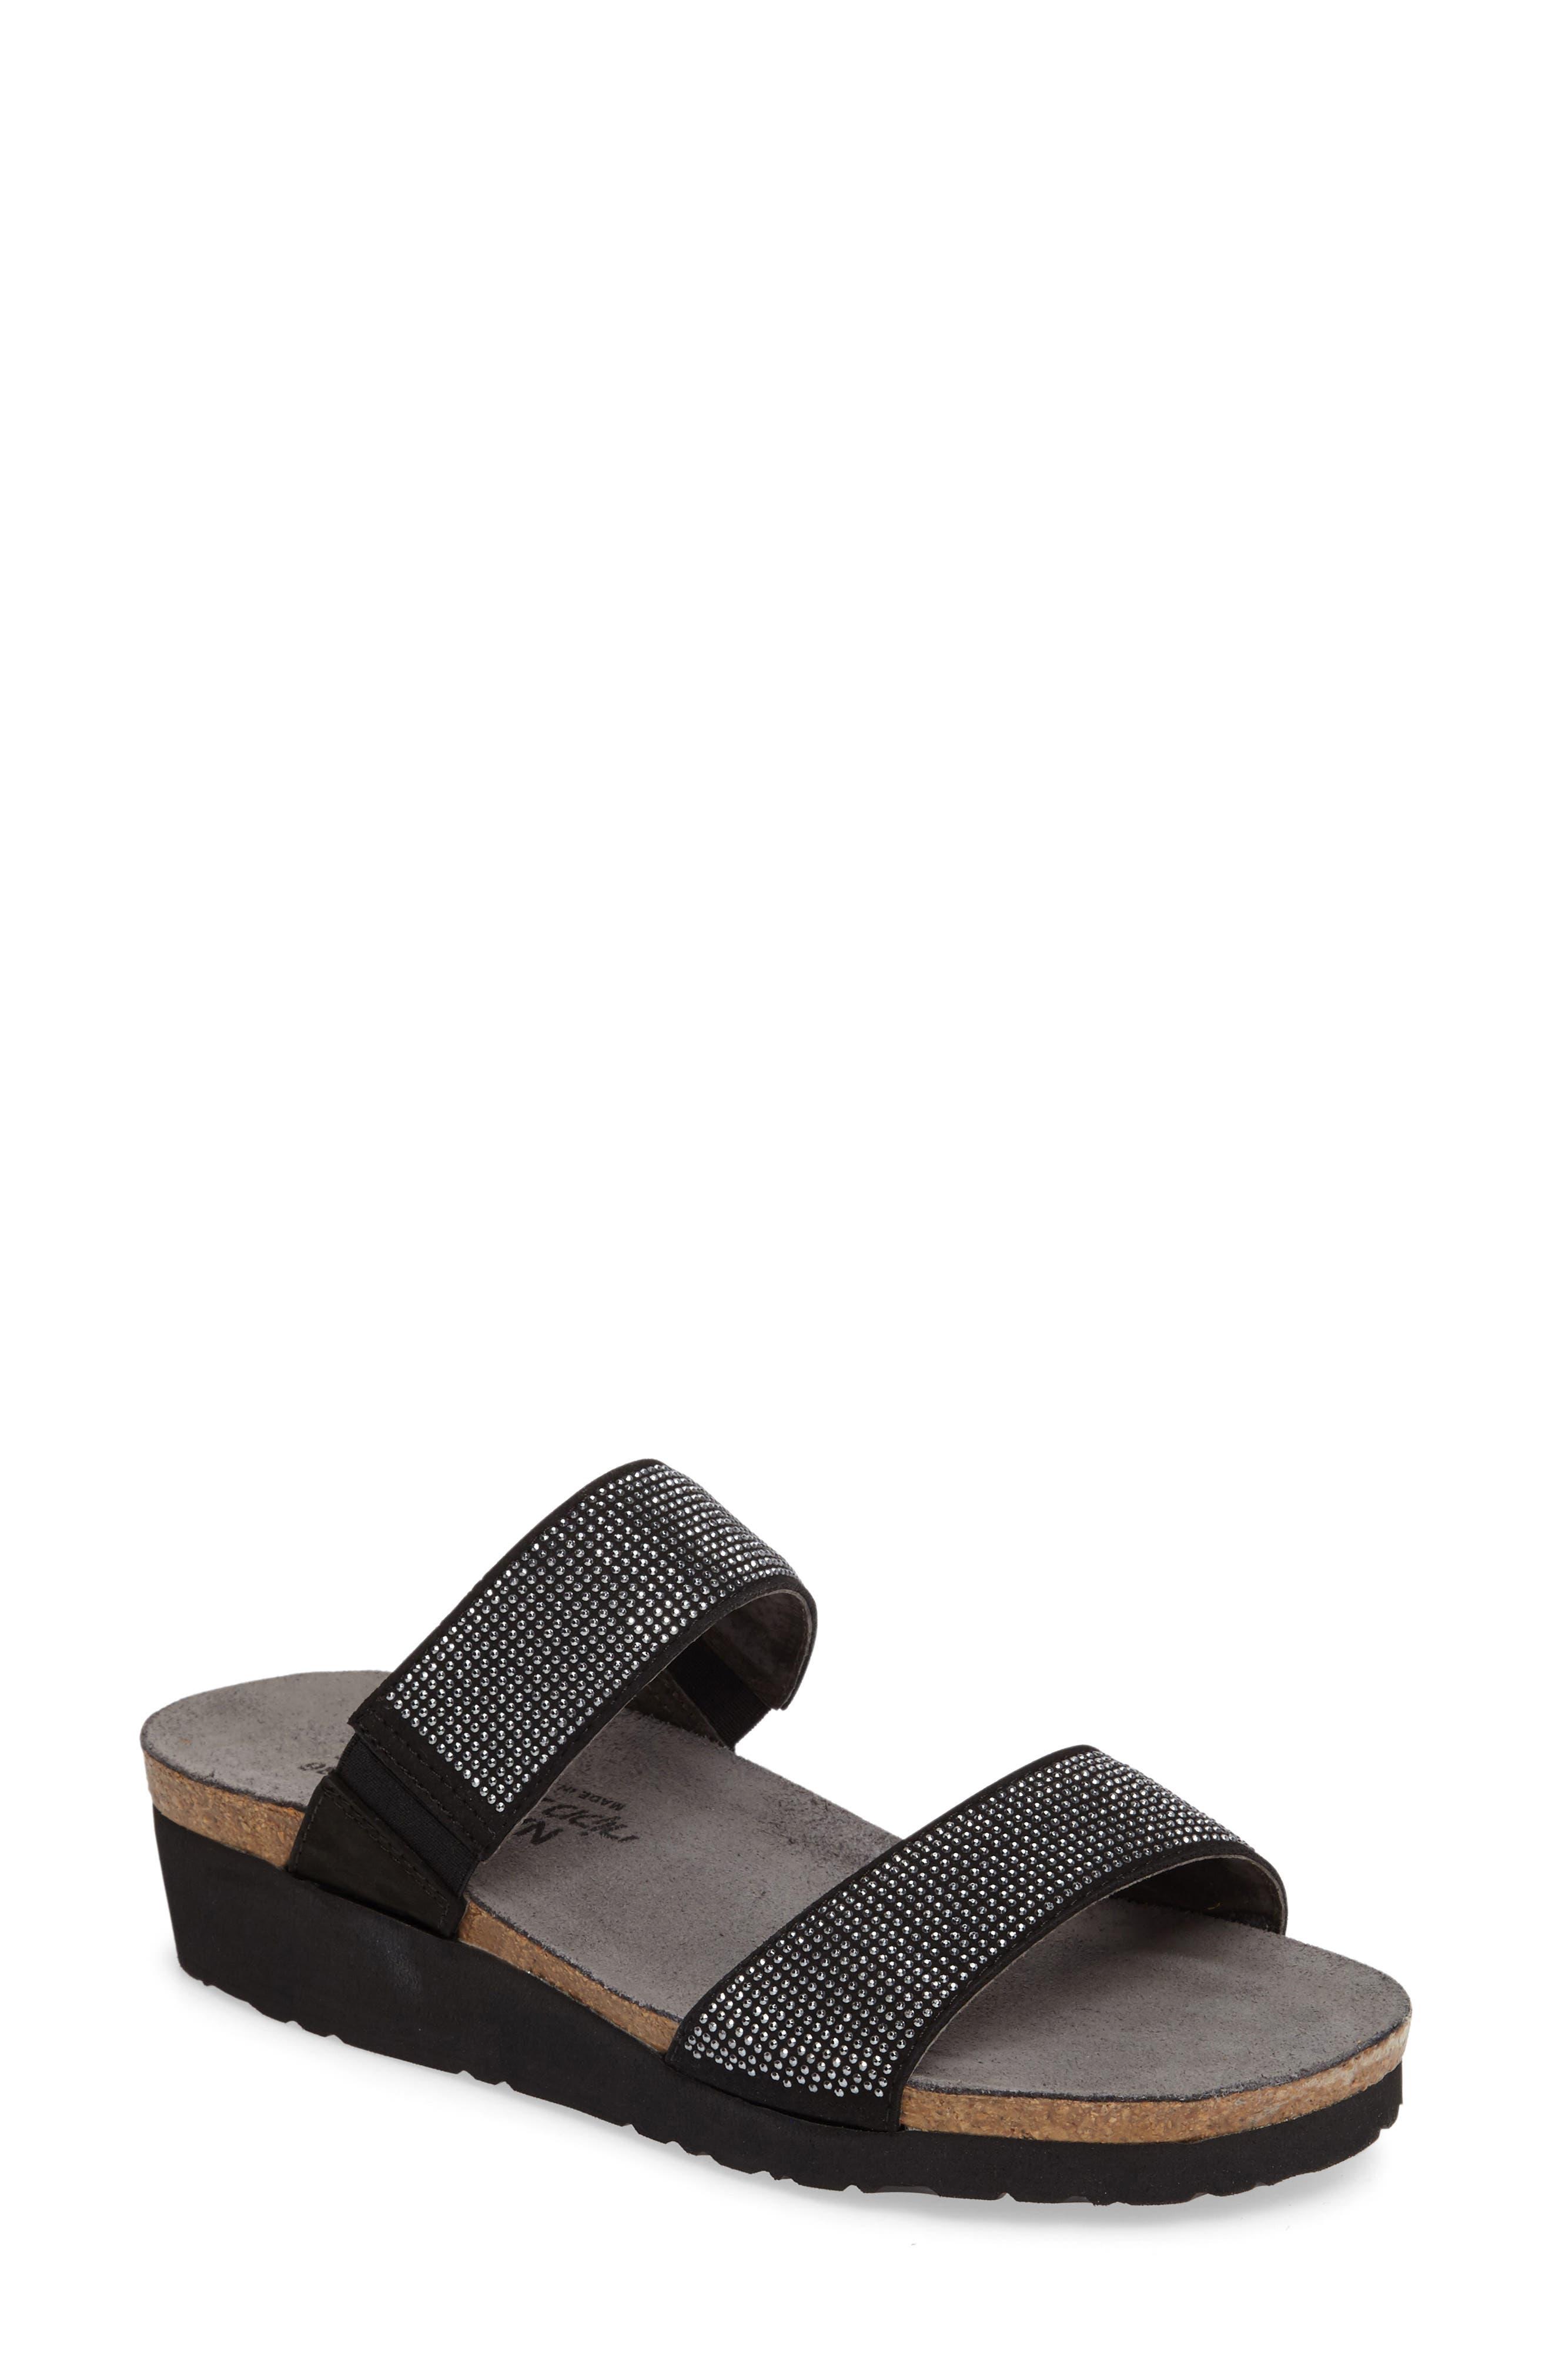 'Bianca' Slide Sandal,                         Main,                         color, BLACK LEATHER